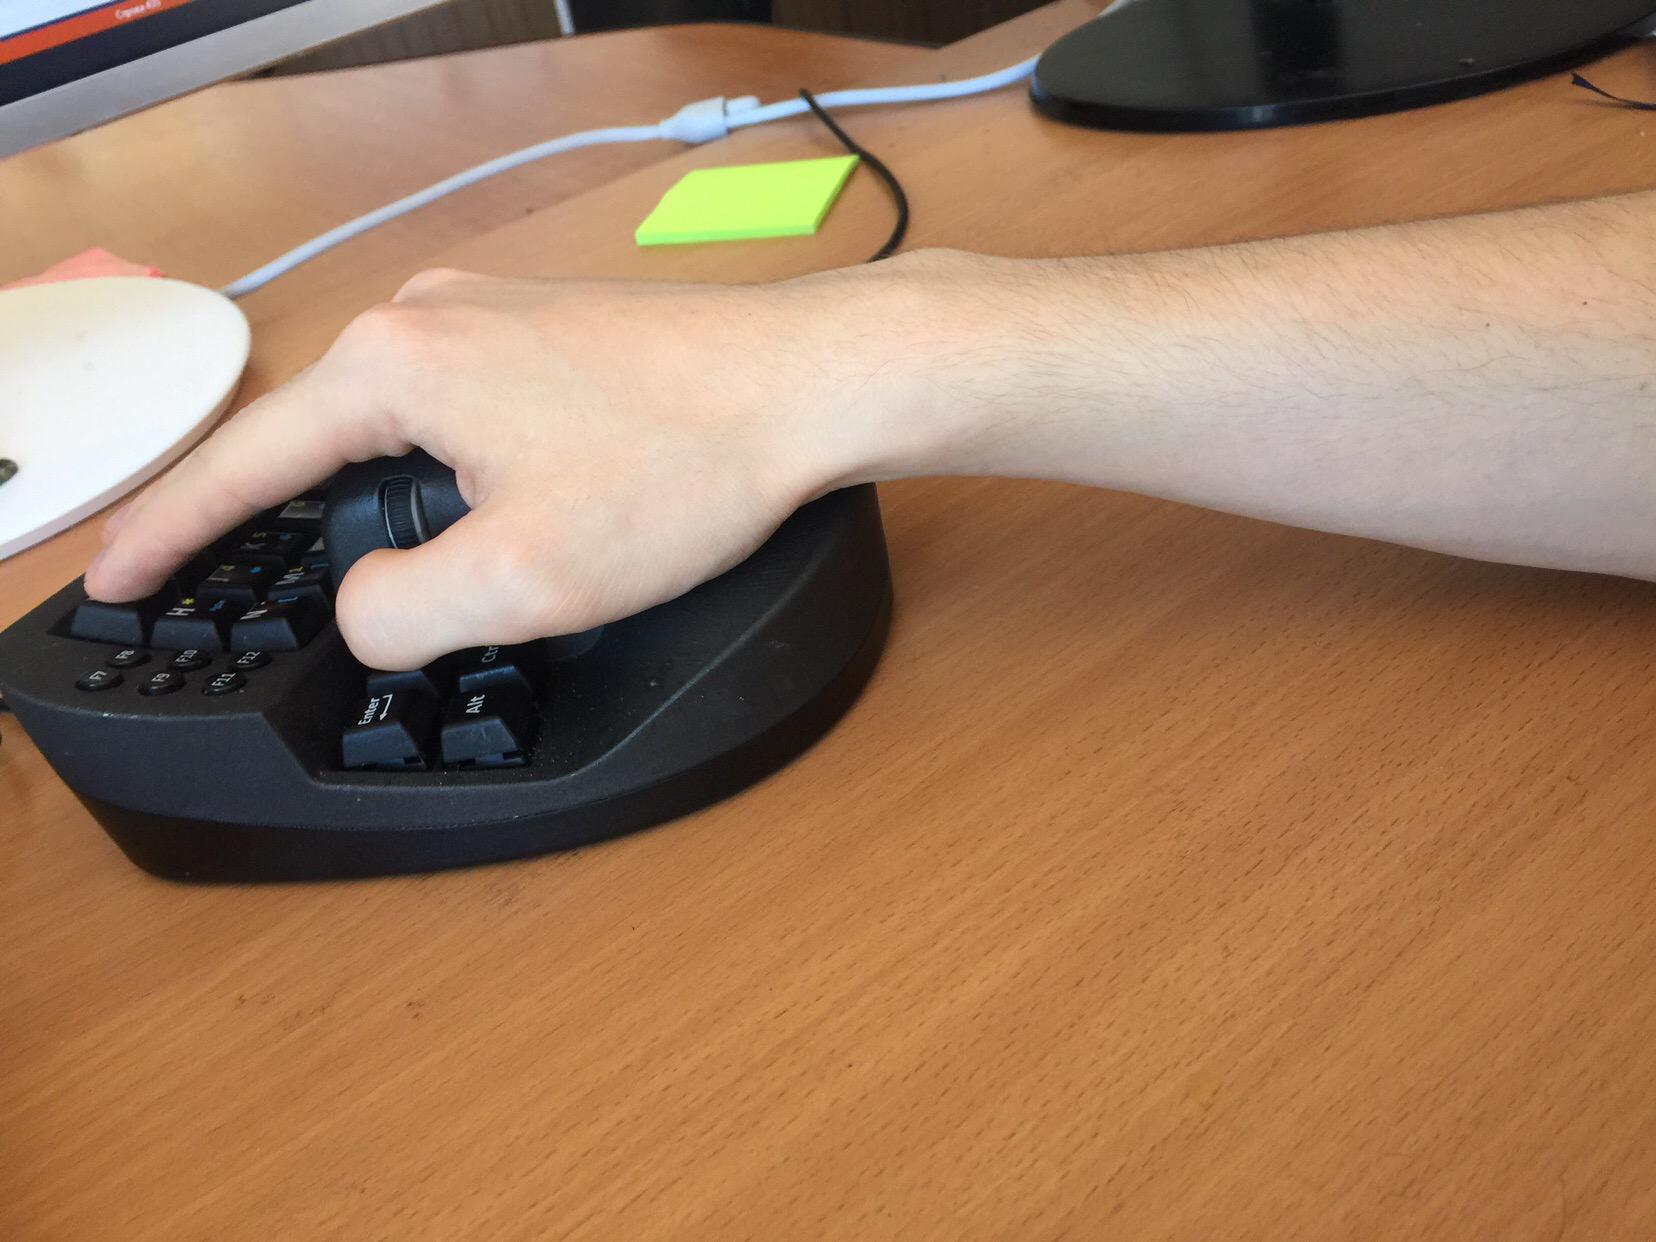 Опыт использования гибрида клавиатуры и мыши в программировании - 5